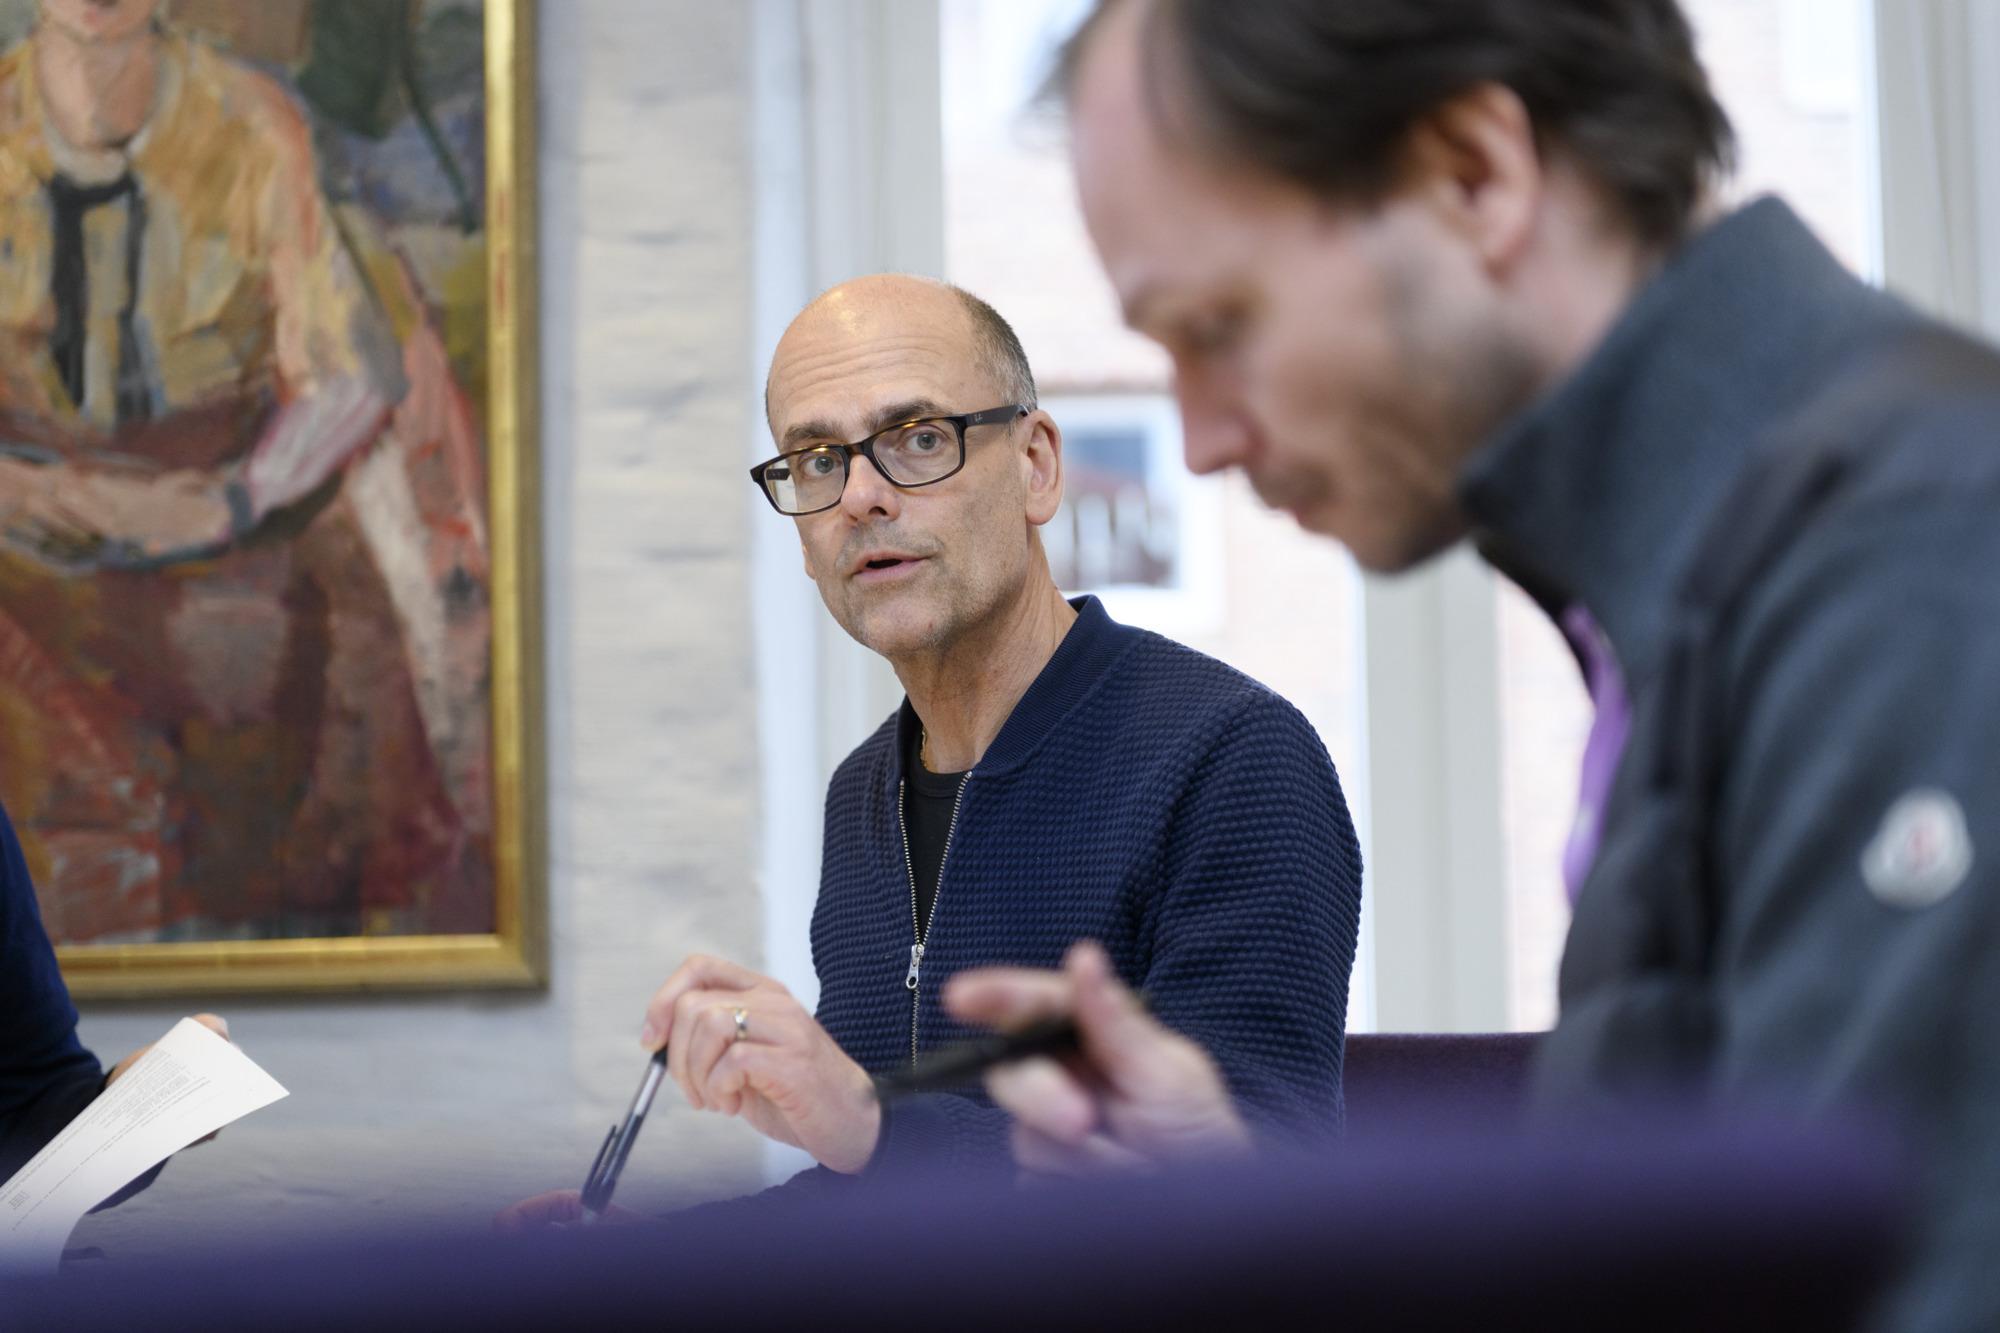 Higab-medarbetaren Svante Thun sitter med en penna i handen och pratar med kollegan Christian Motter.